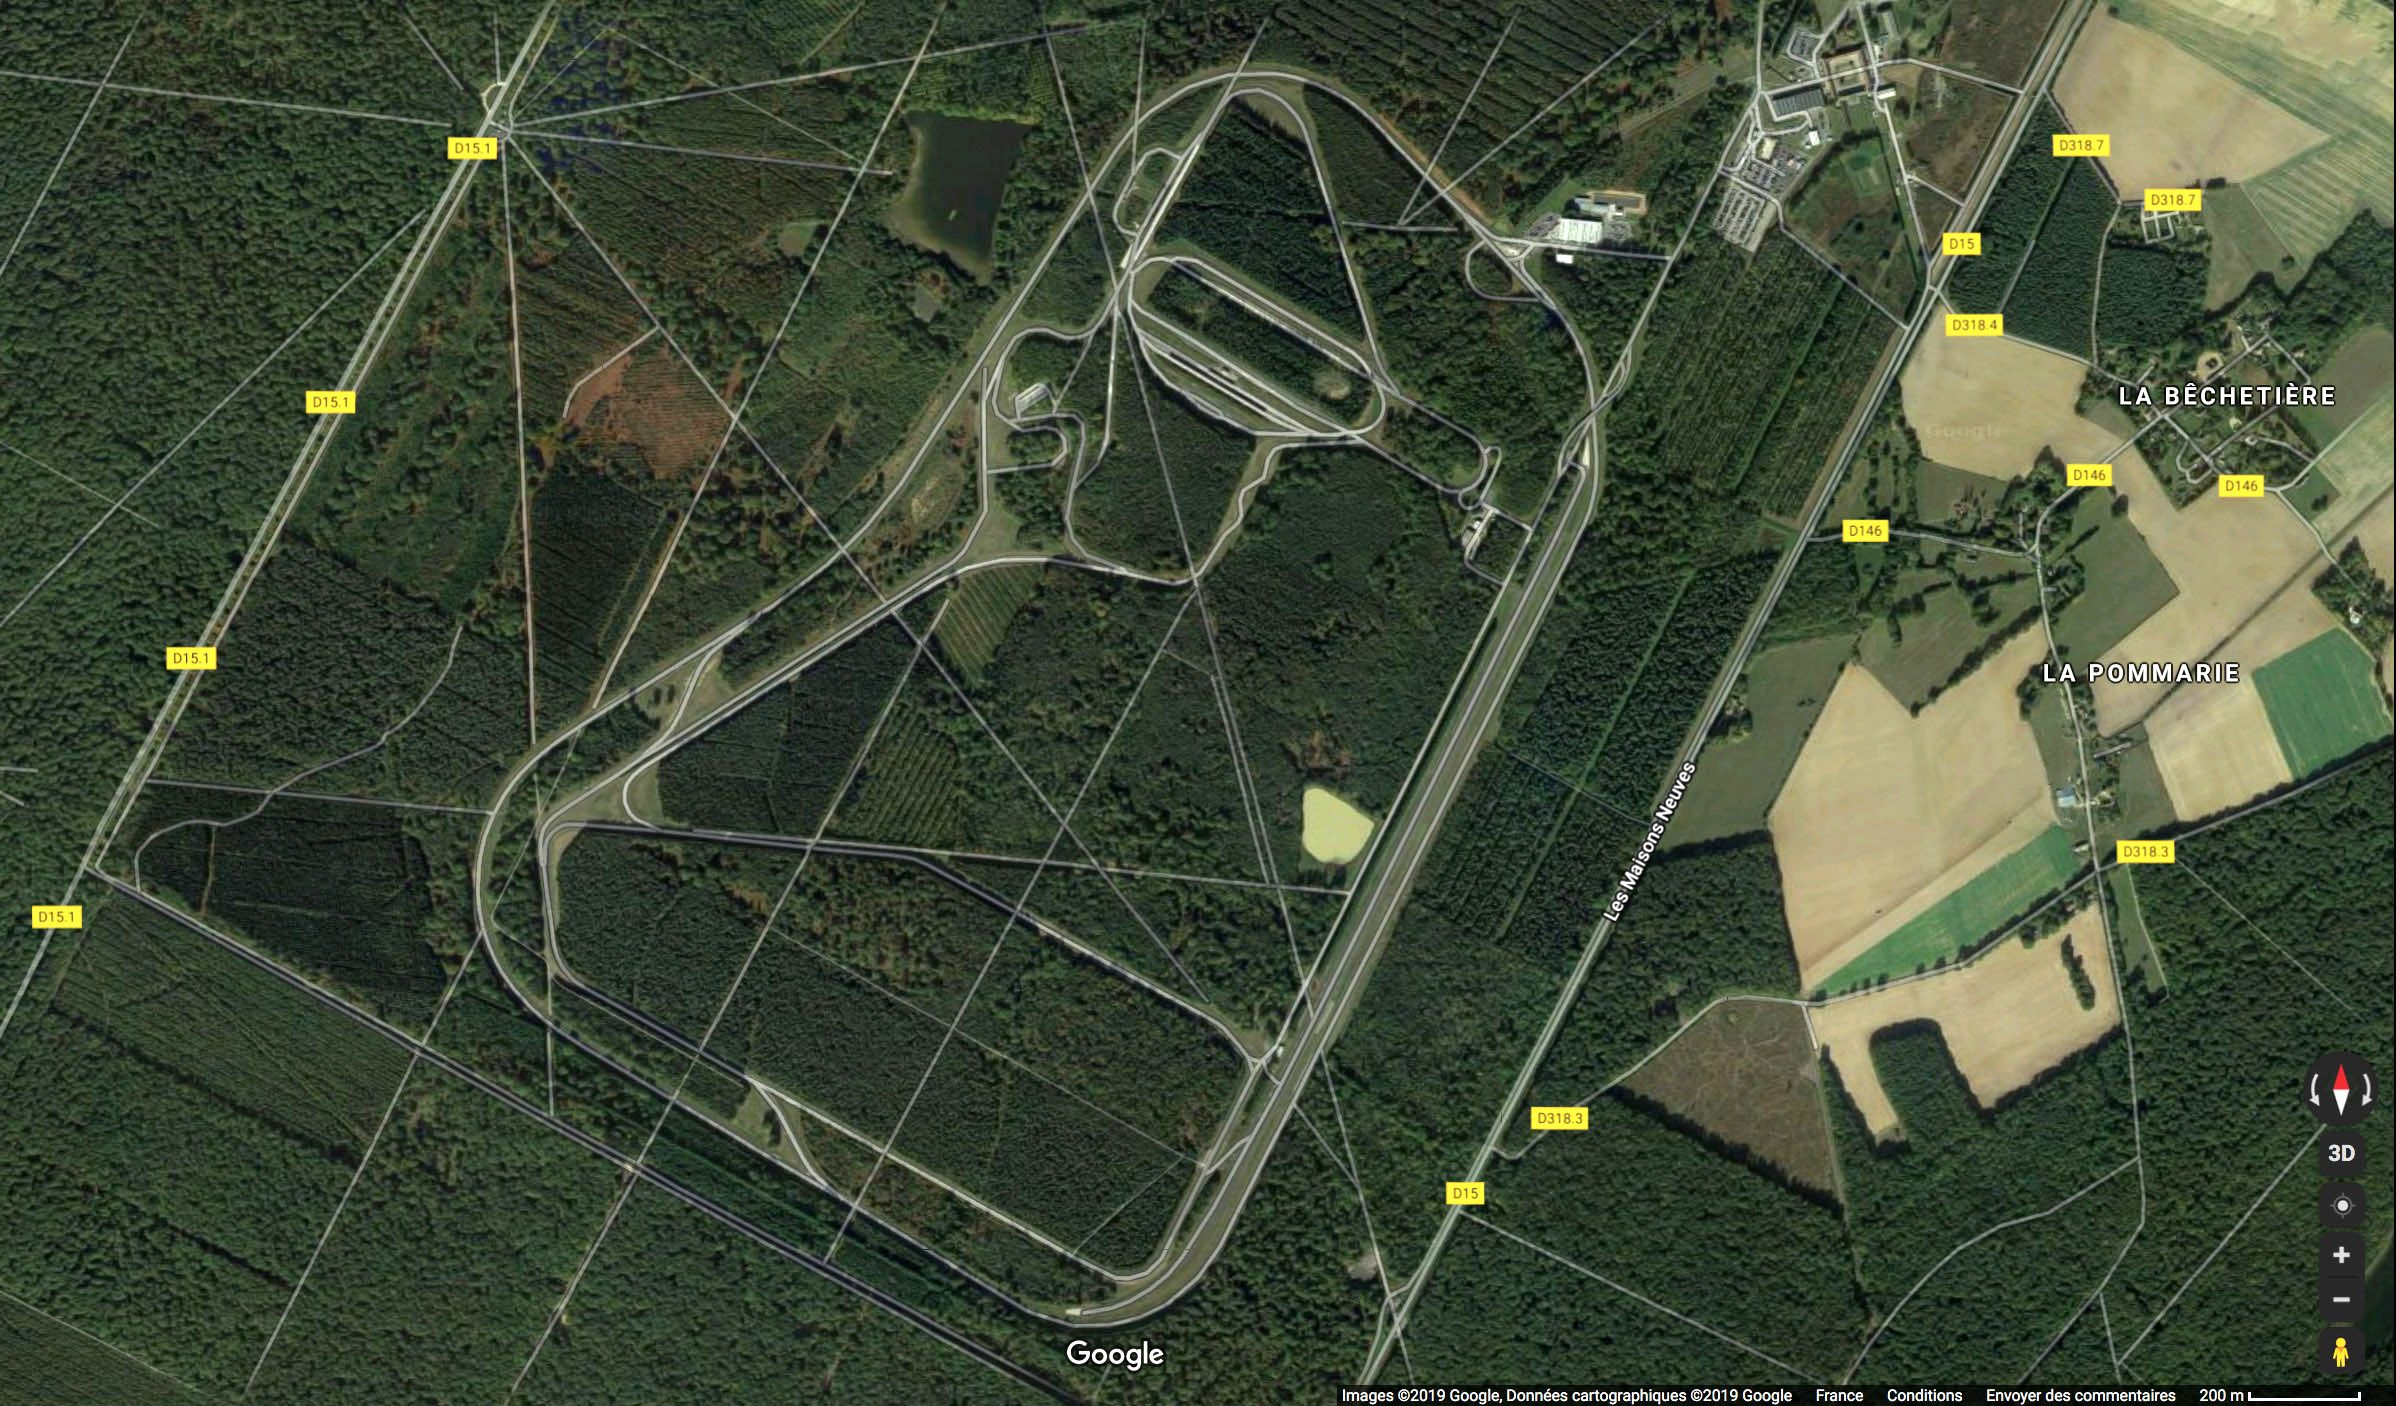 Pourquoi Citroën a-t-elle décidé d'implanter son centre d'essais à la Ferté Vidame ?